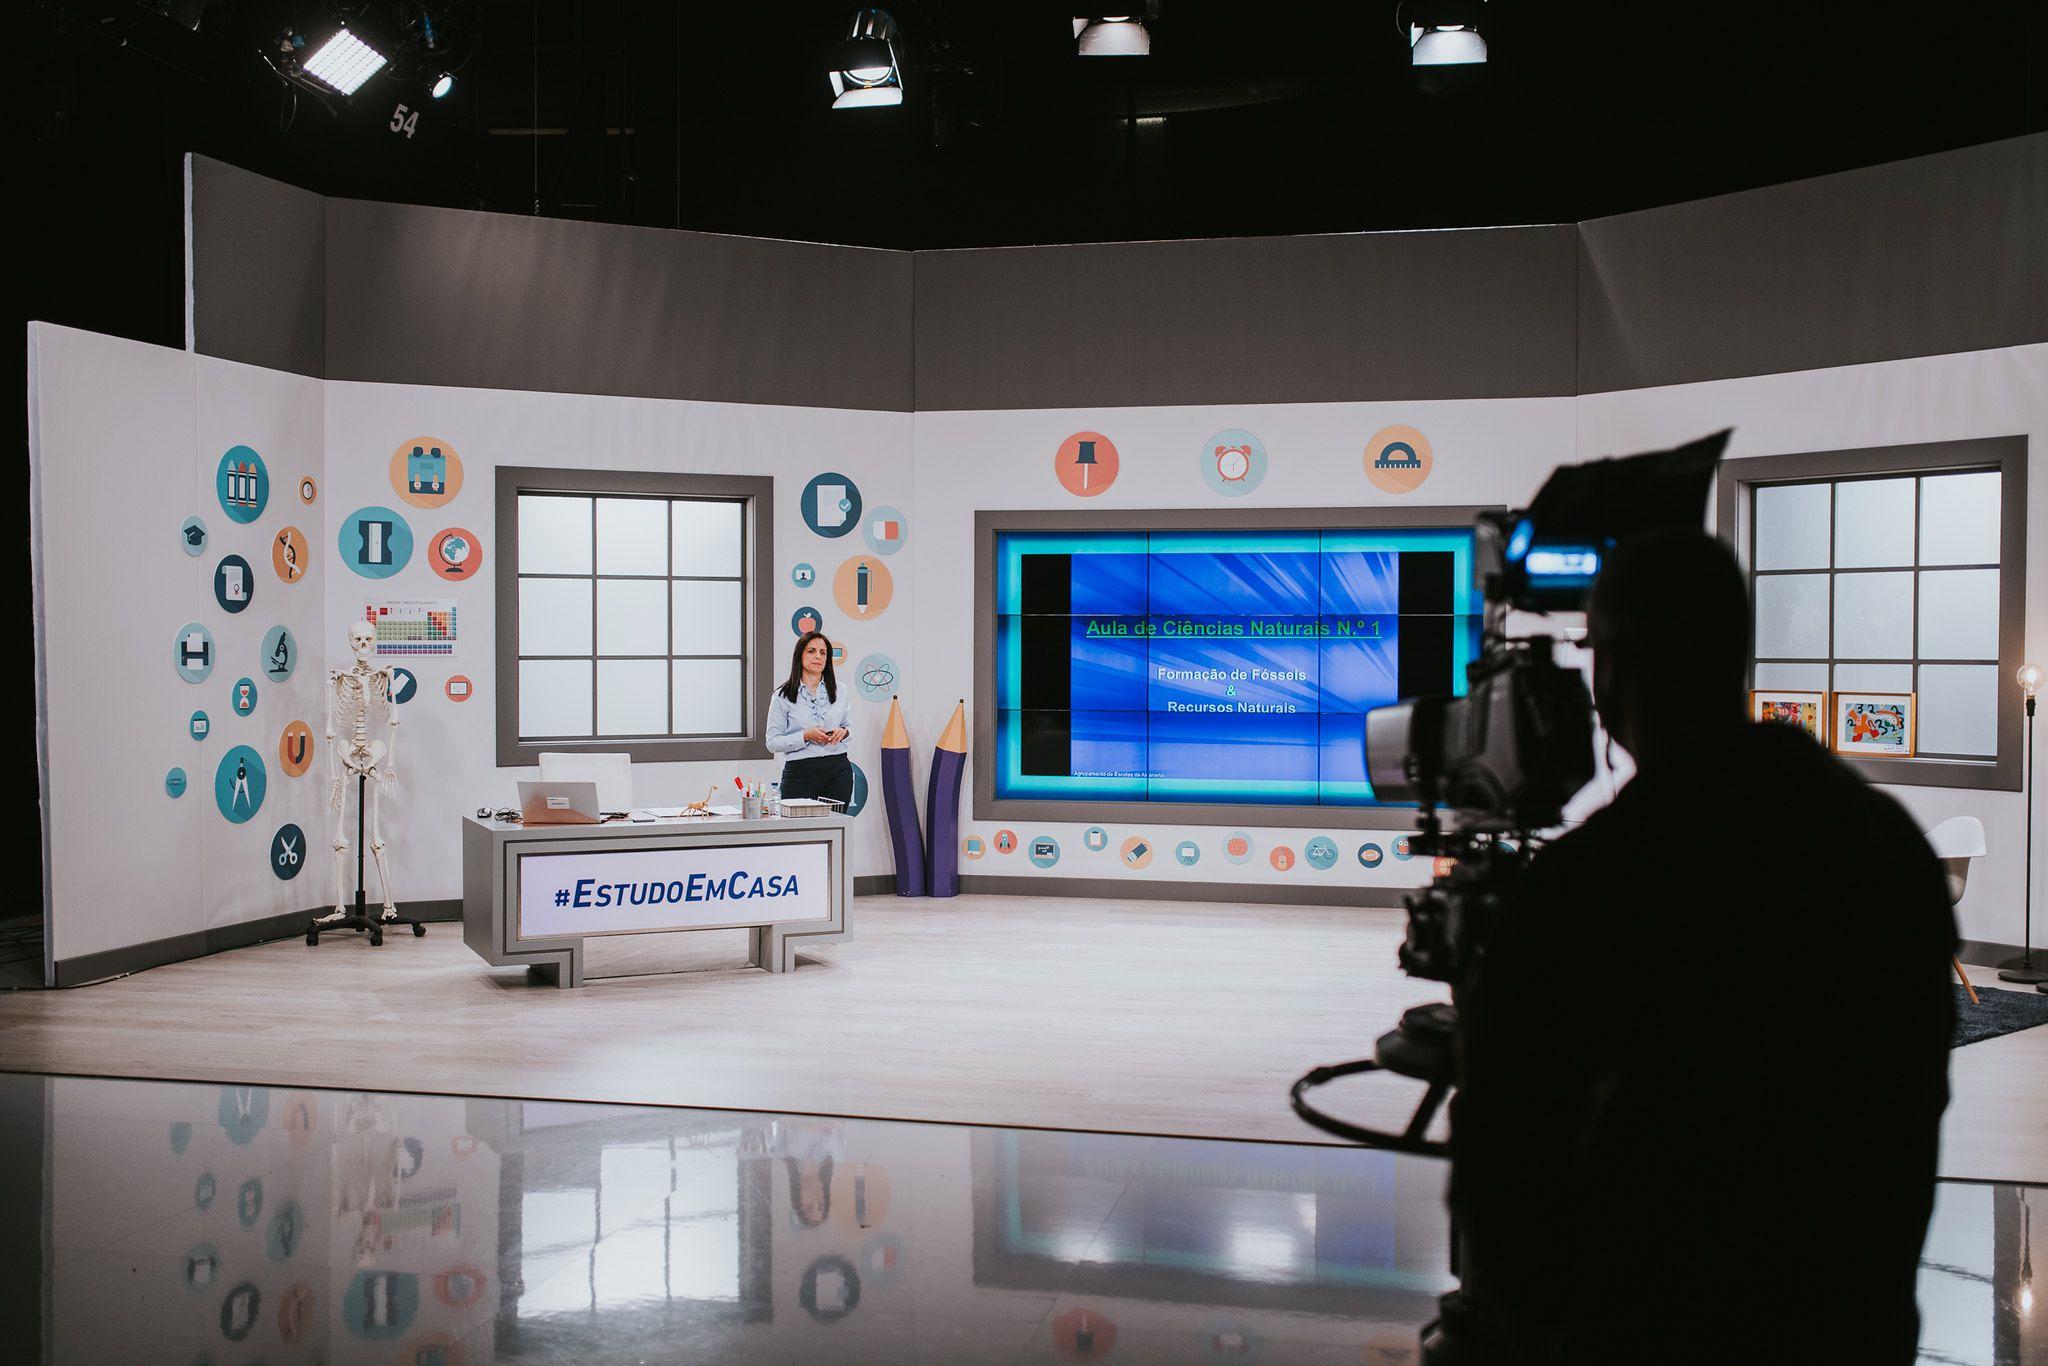 Conteúdo do Ensino Secundário será exibido na televisão, uma parceria entre o Ministério da Educação e a RTP